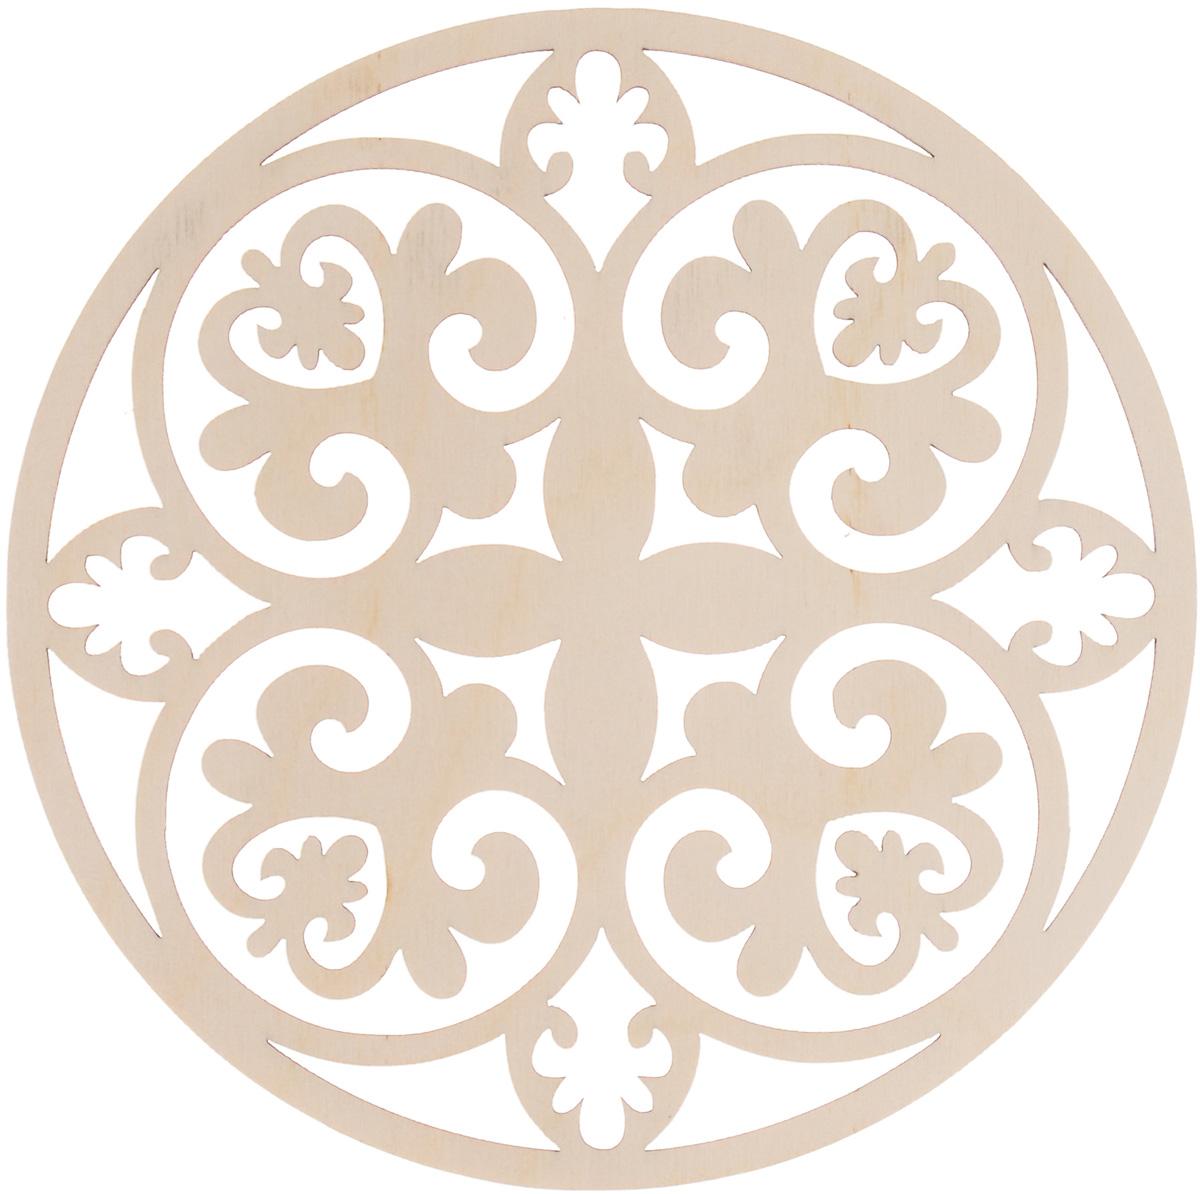 Деревянная заготовка Астра Орнамент, диаметр 15 см582123Заготовка Астра Орнамент, изготовленная из дерева, станет хорошей основой для вашего творчества. Заготовку можно украсить бисером, блестками, тесьмой, кружевом - возможности не ограничены. Творческий процесс развивает воображение, учит видеть сказку в обыденных вещах, ведь для нее всегда есть место в нашей жизни! Заготовка Астра Орнамент станет идеальным украшением интерьера вашего дома и отличным подарком для вас и ваших близких.